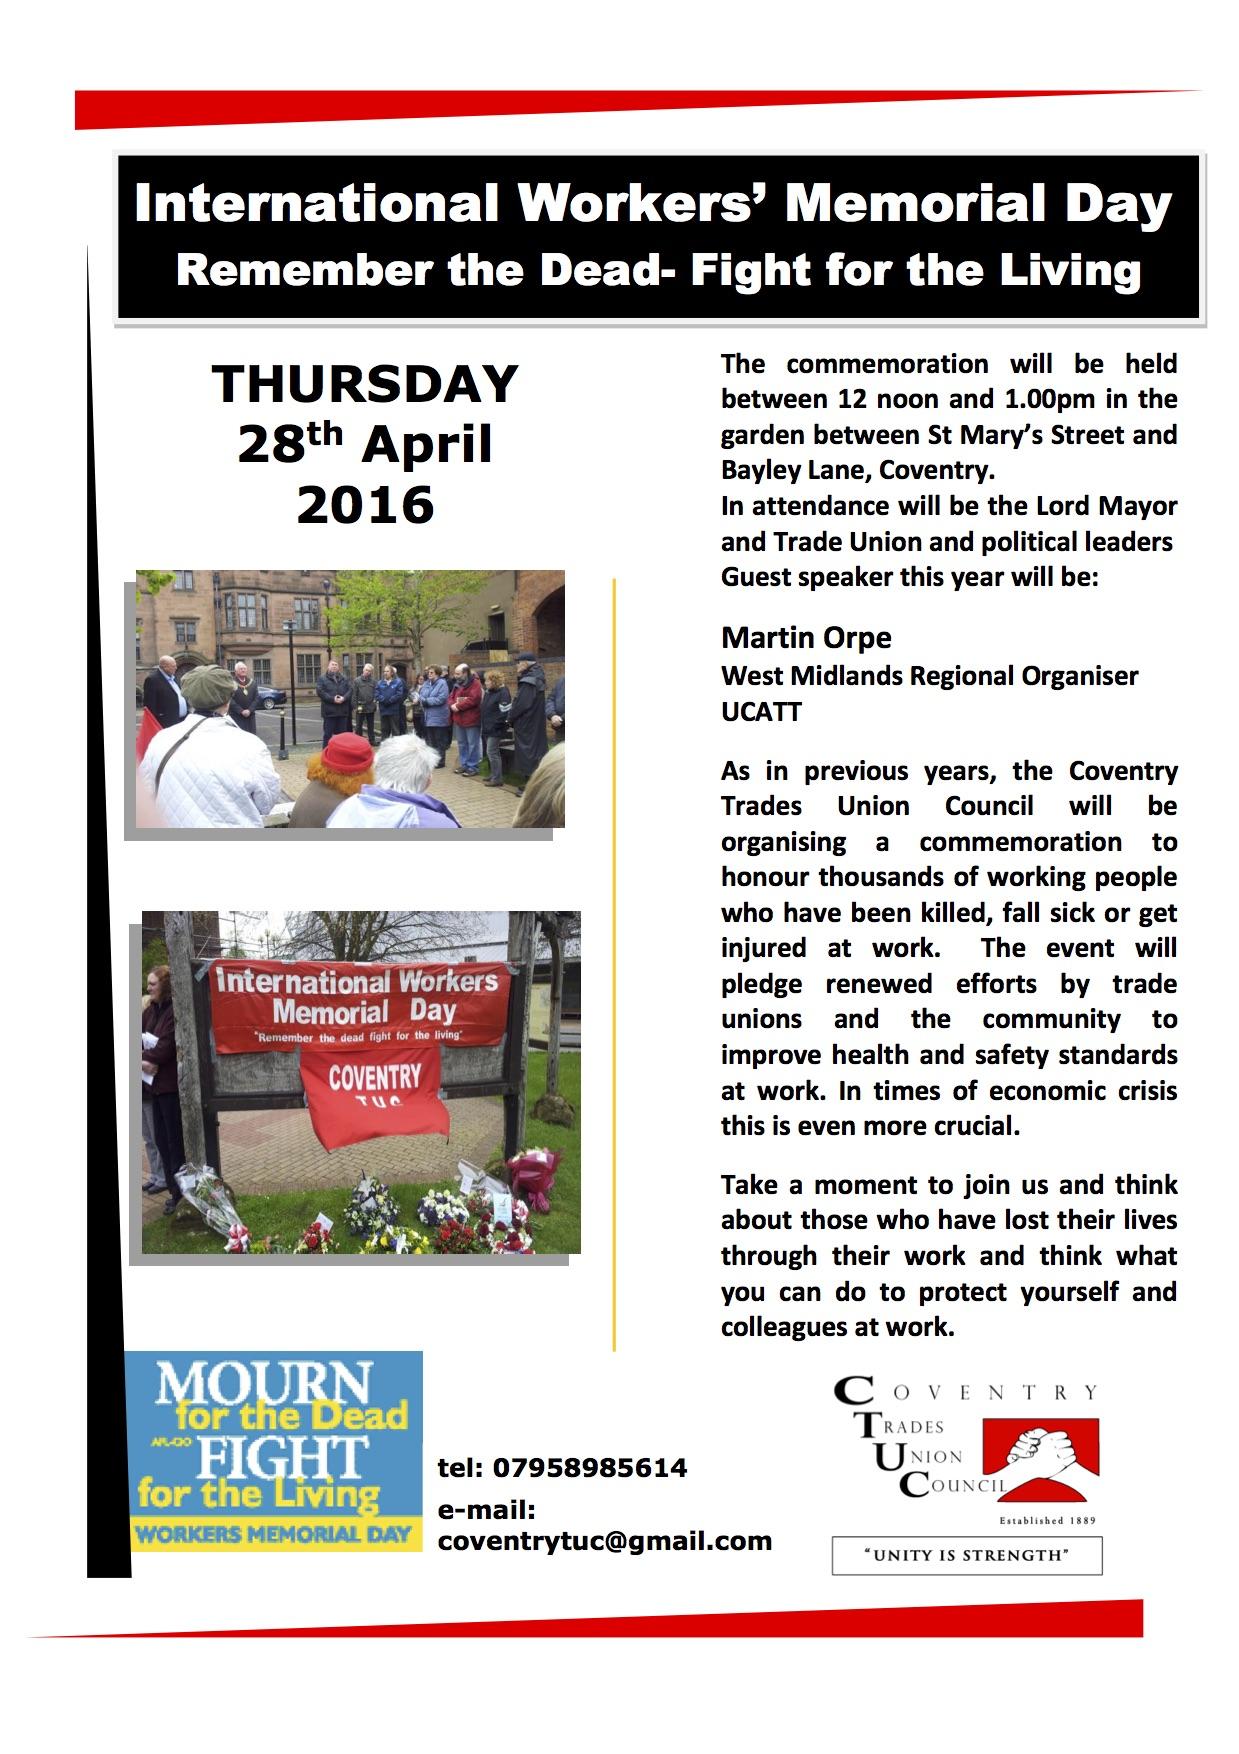 Workers Memorial Day Flyer 2016.jpg